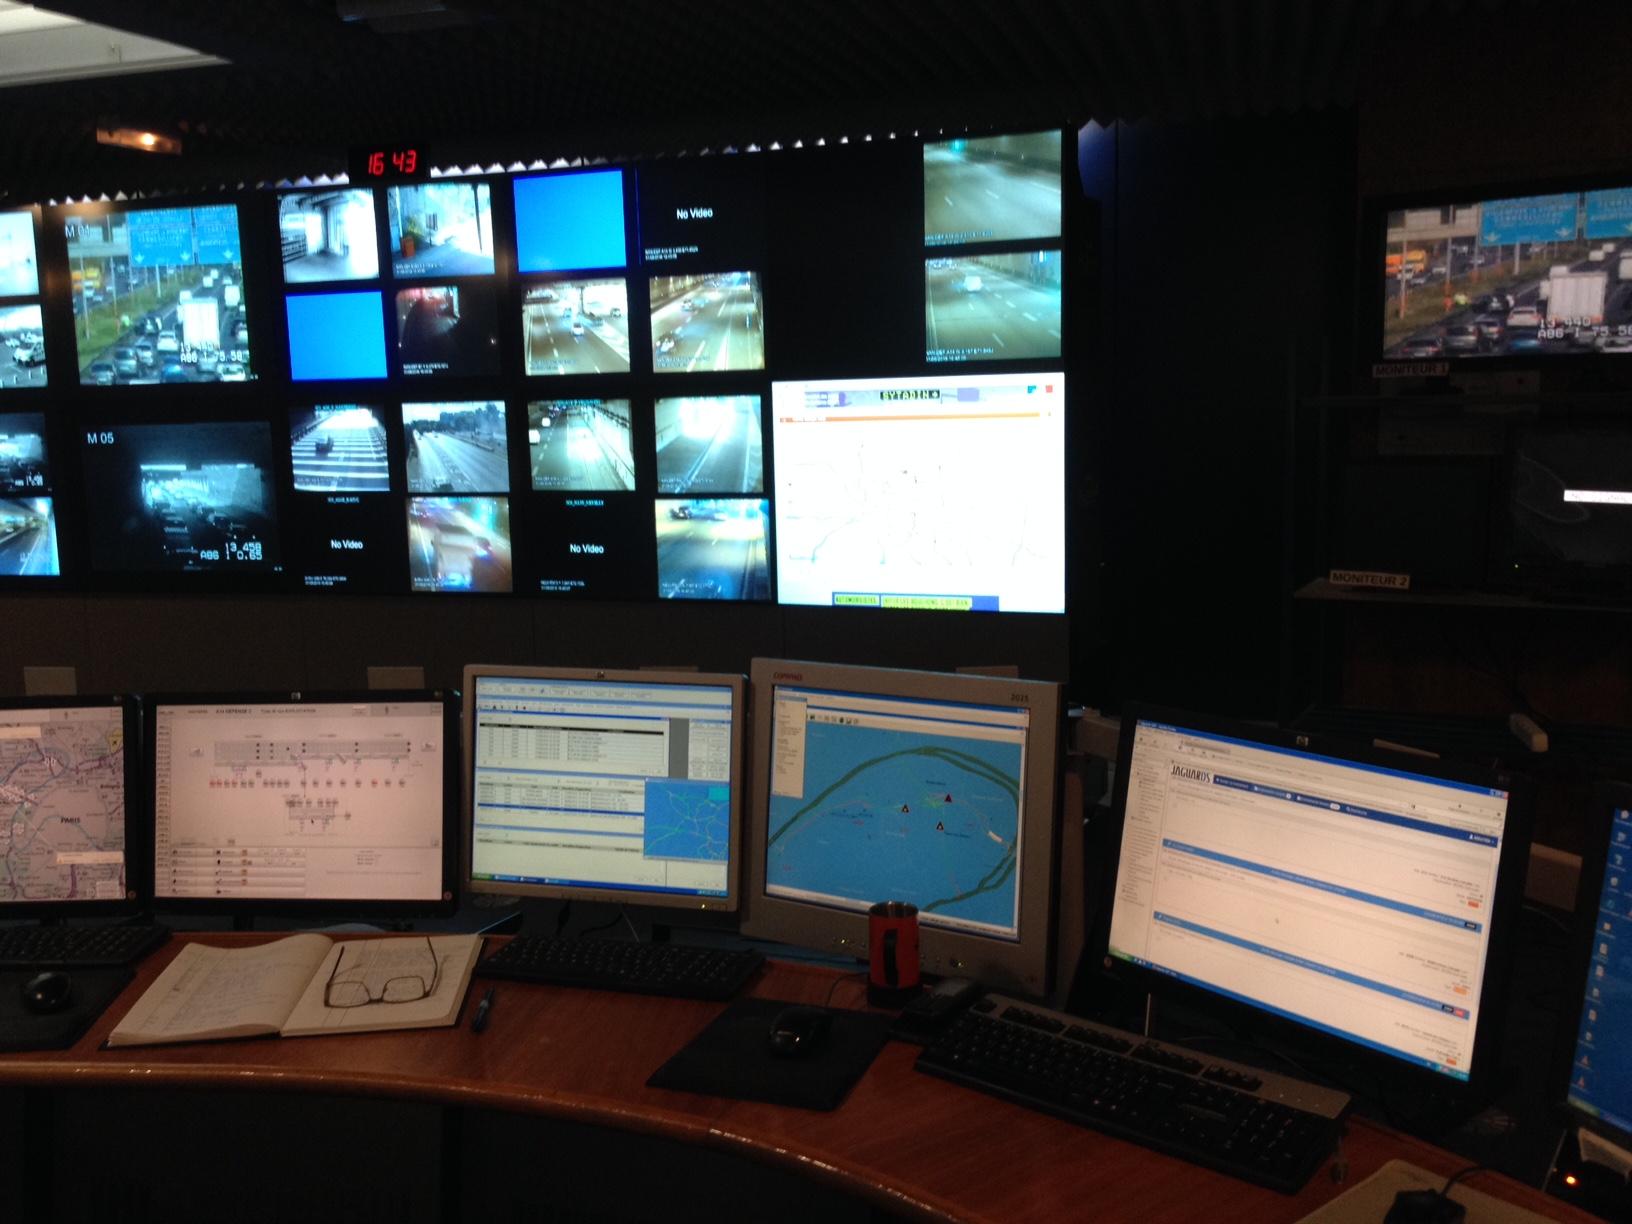 Jaguards aide la DiRIF à sécuriser les tunnels et voies rapides d'Ile de France